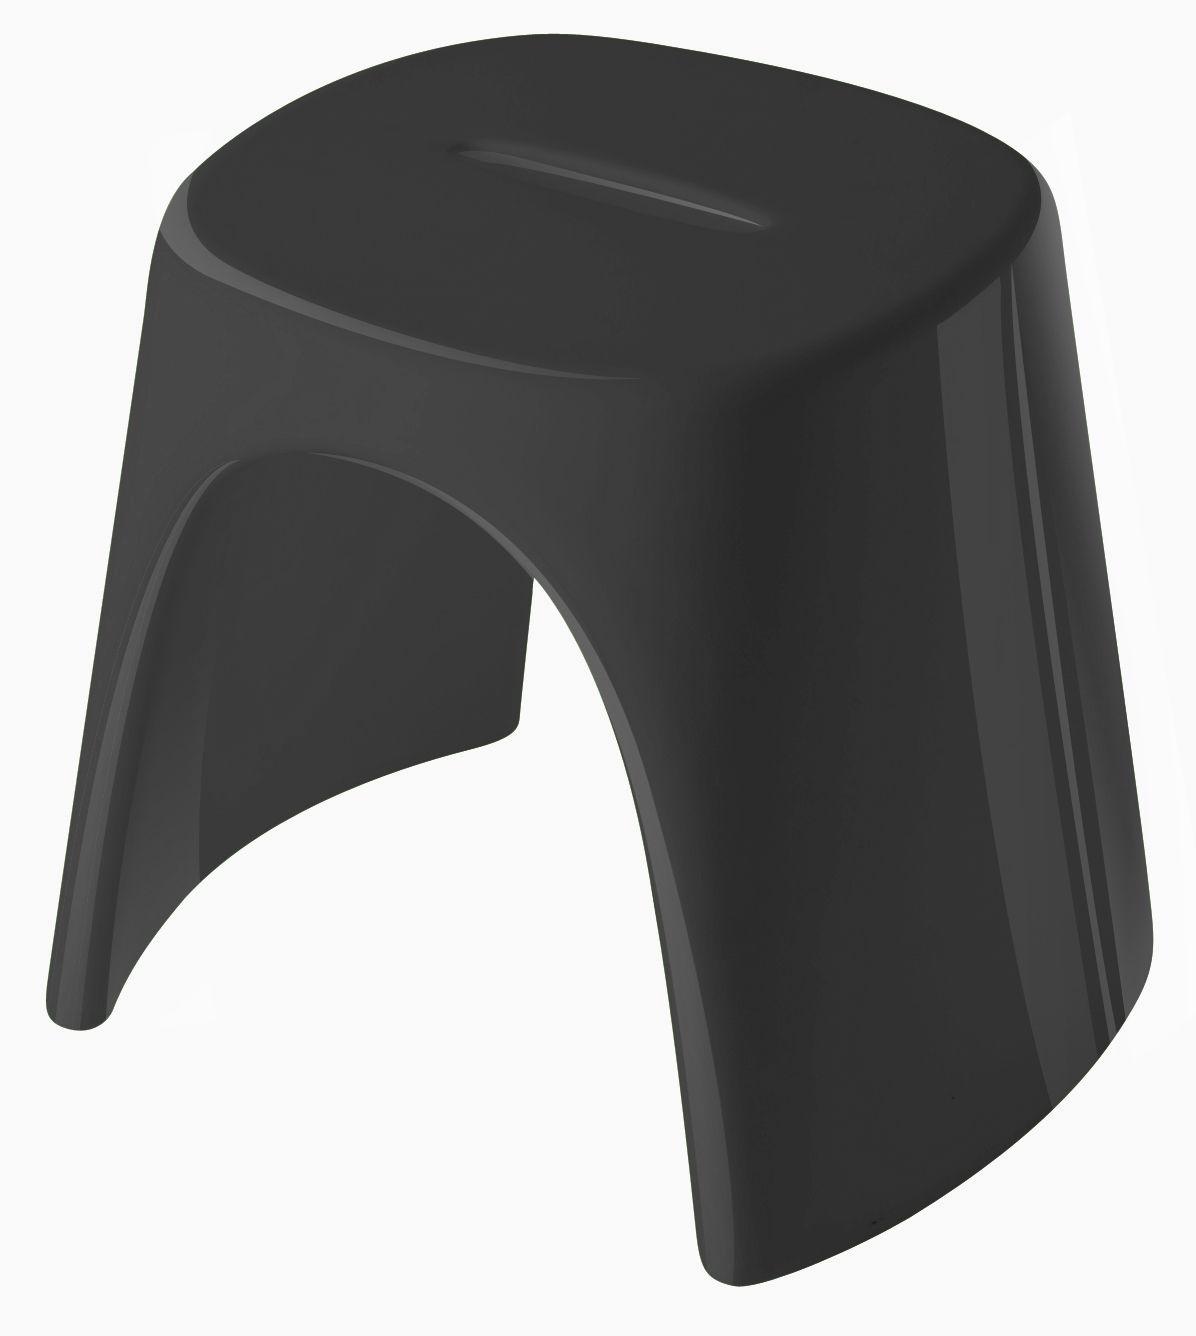 tabouret empilable am lie laqu plastique laqu noir slide. Black Bedroom Furniture Sets. Home Design Ideas